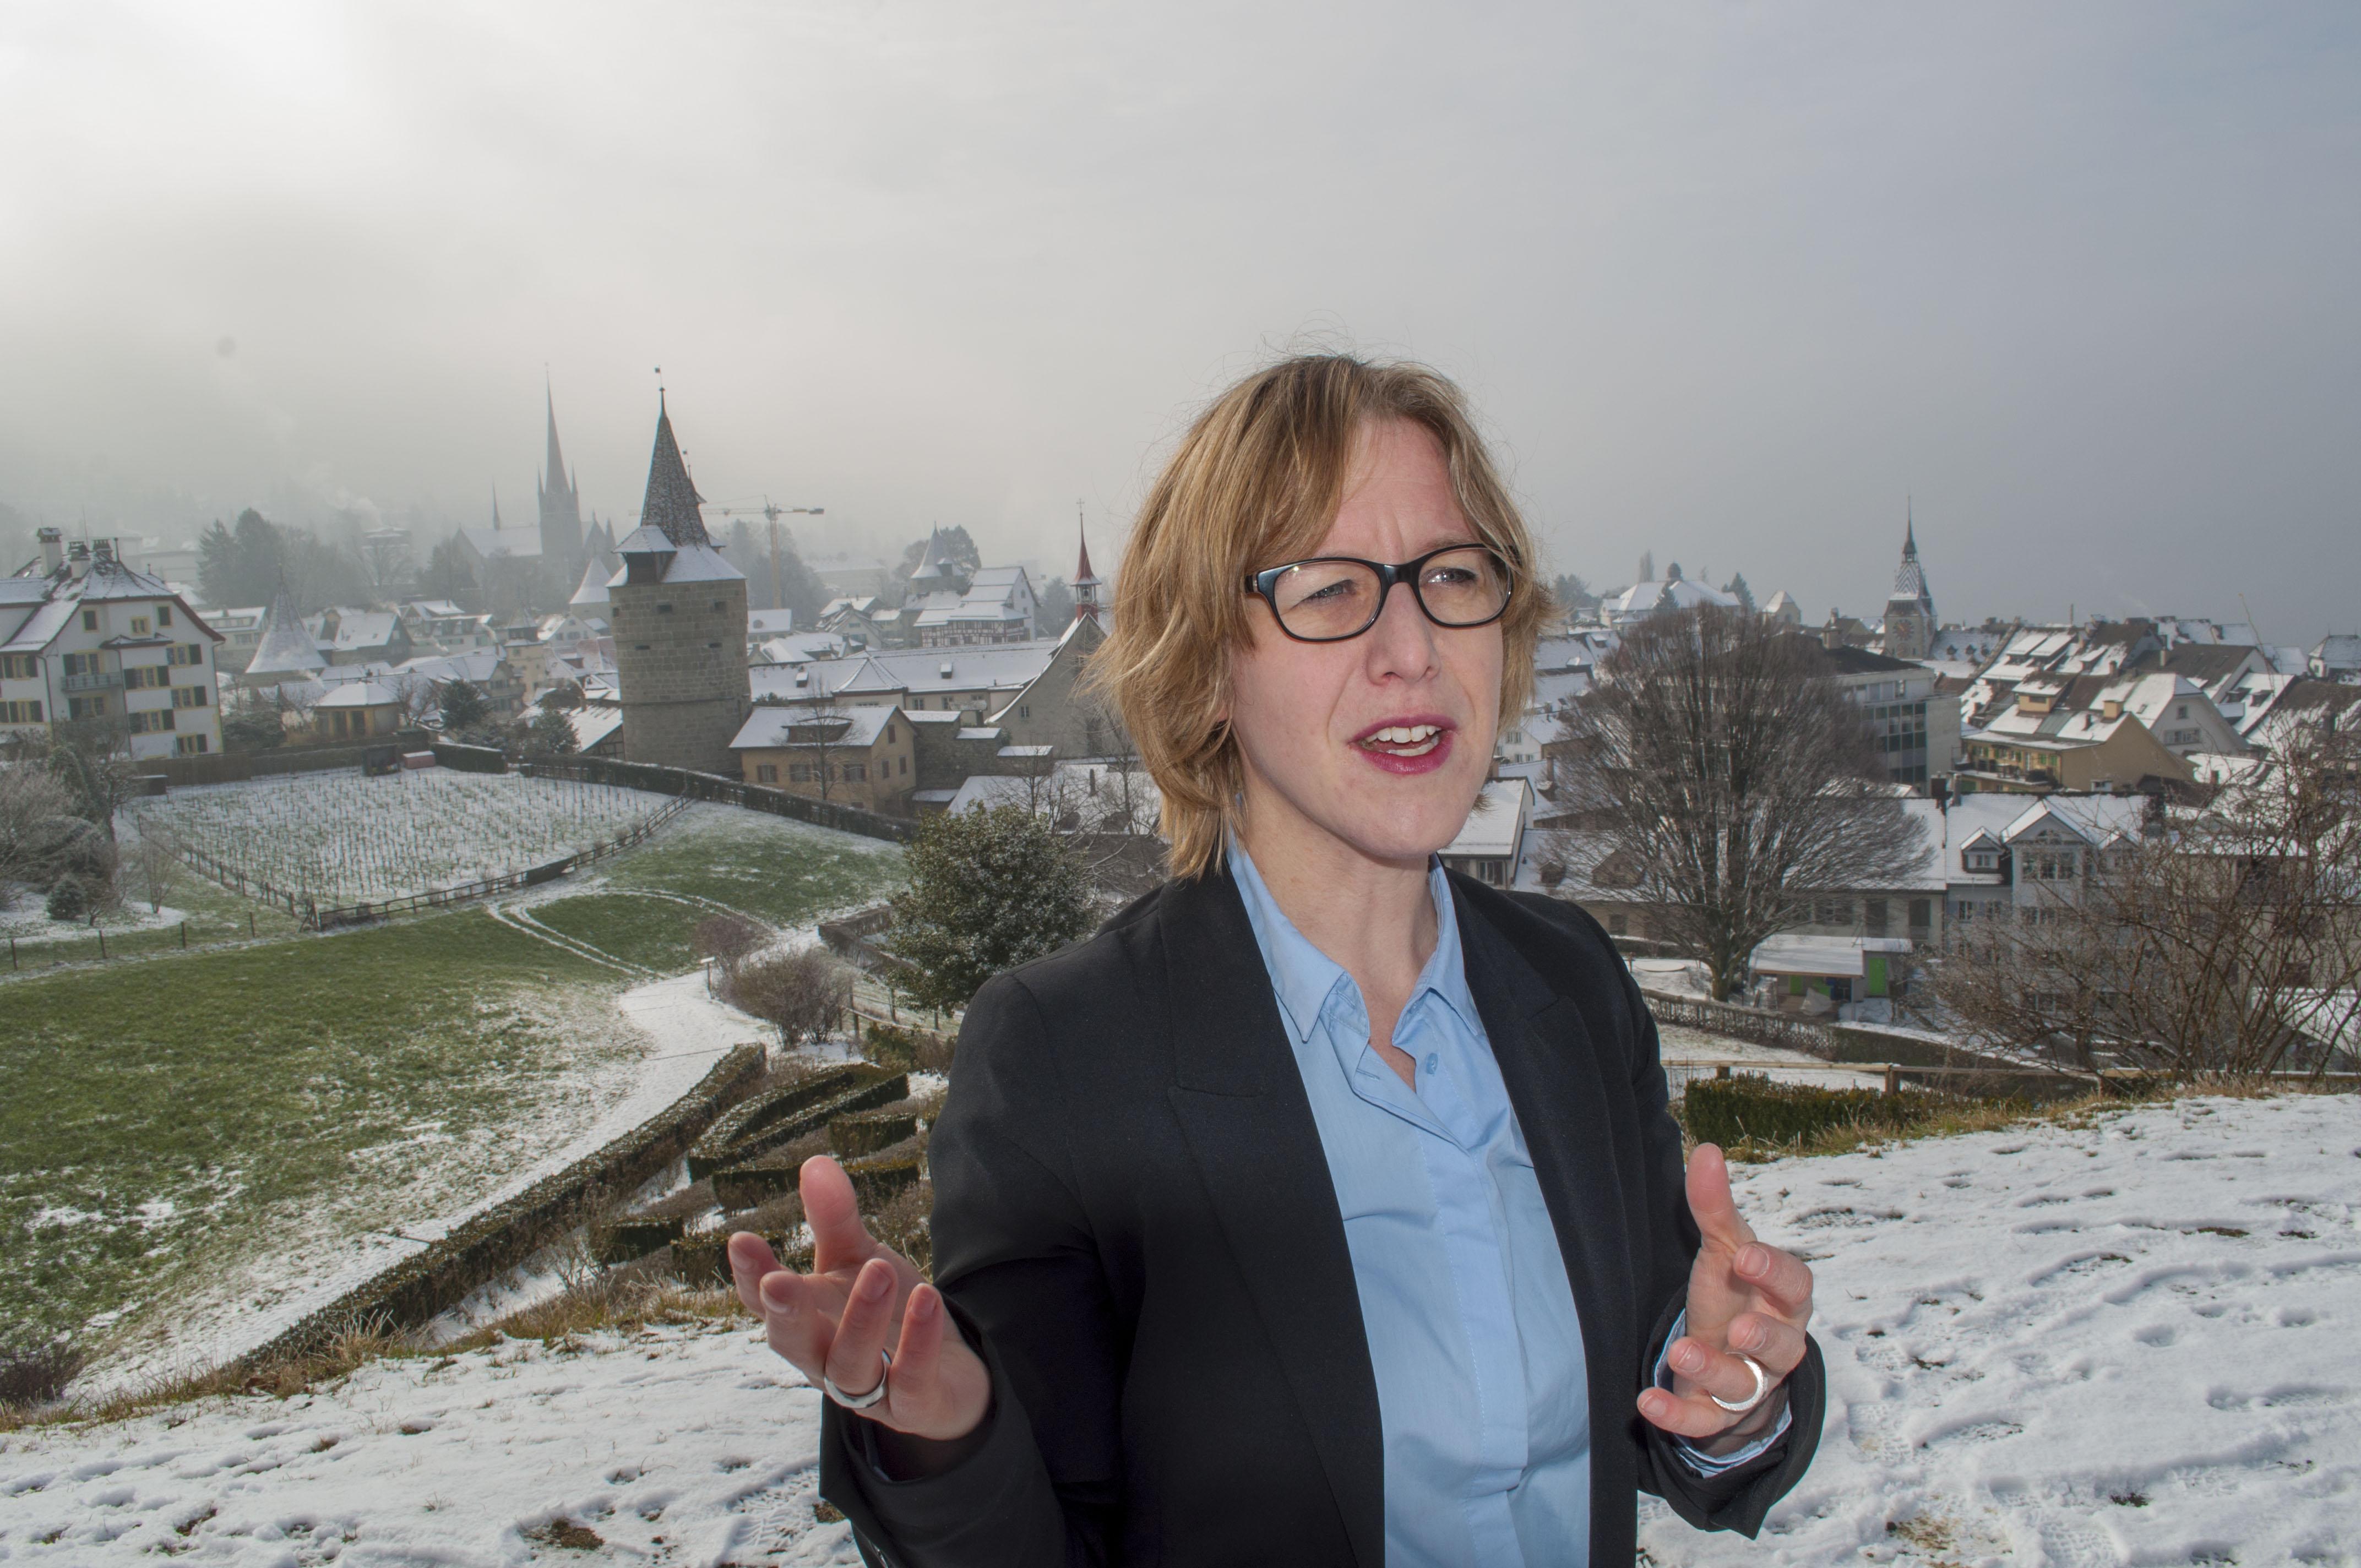 Barbara Gysel von der Zuger SP plädiert für ein «Diversity Management» in der Politik.